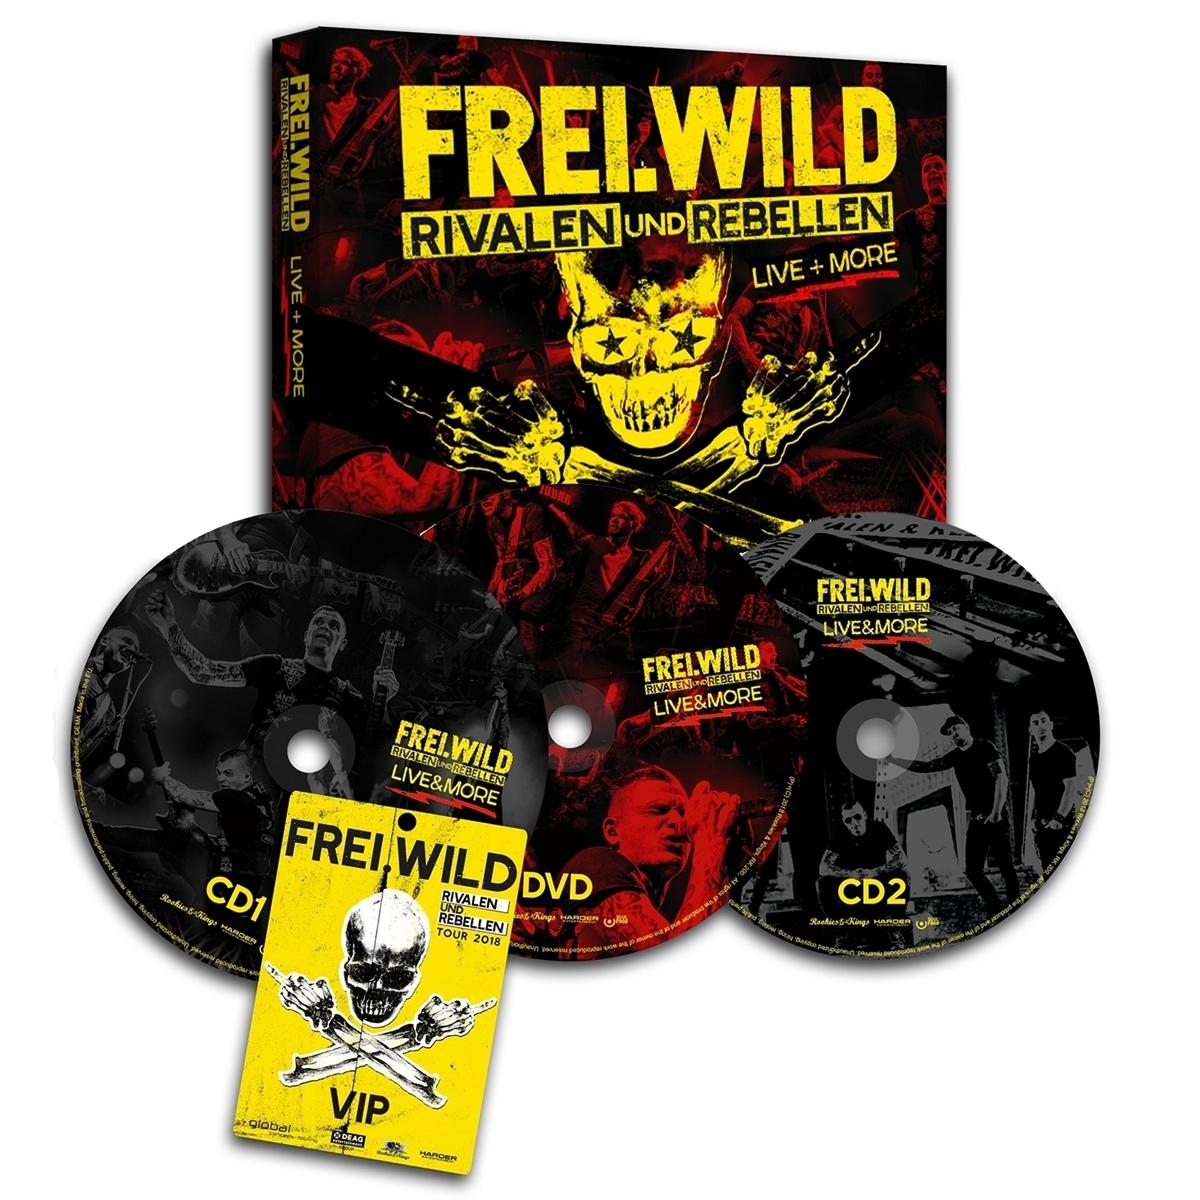 Freiwild Rivalen Und Rebellen Livemore Ltd Edition Halt